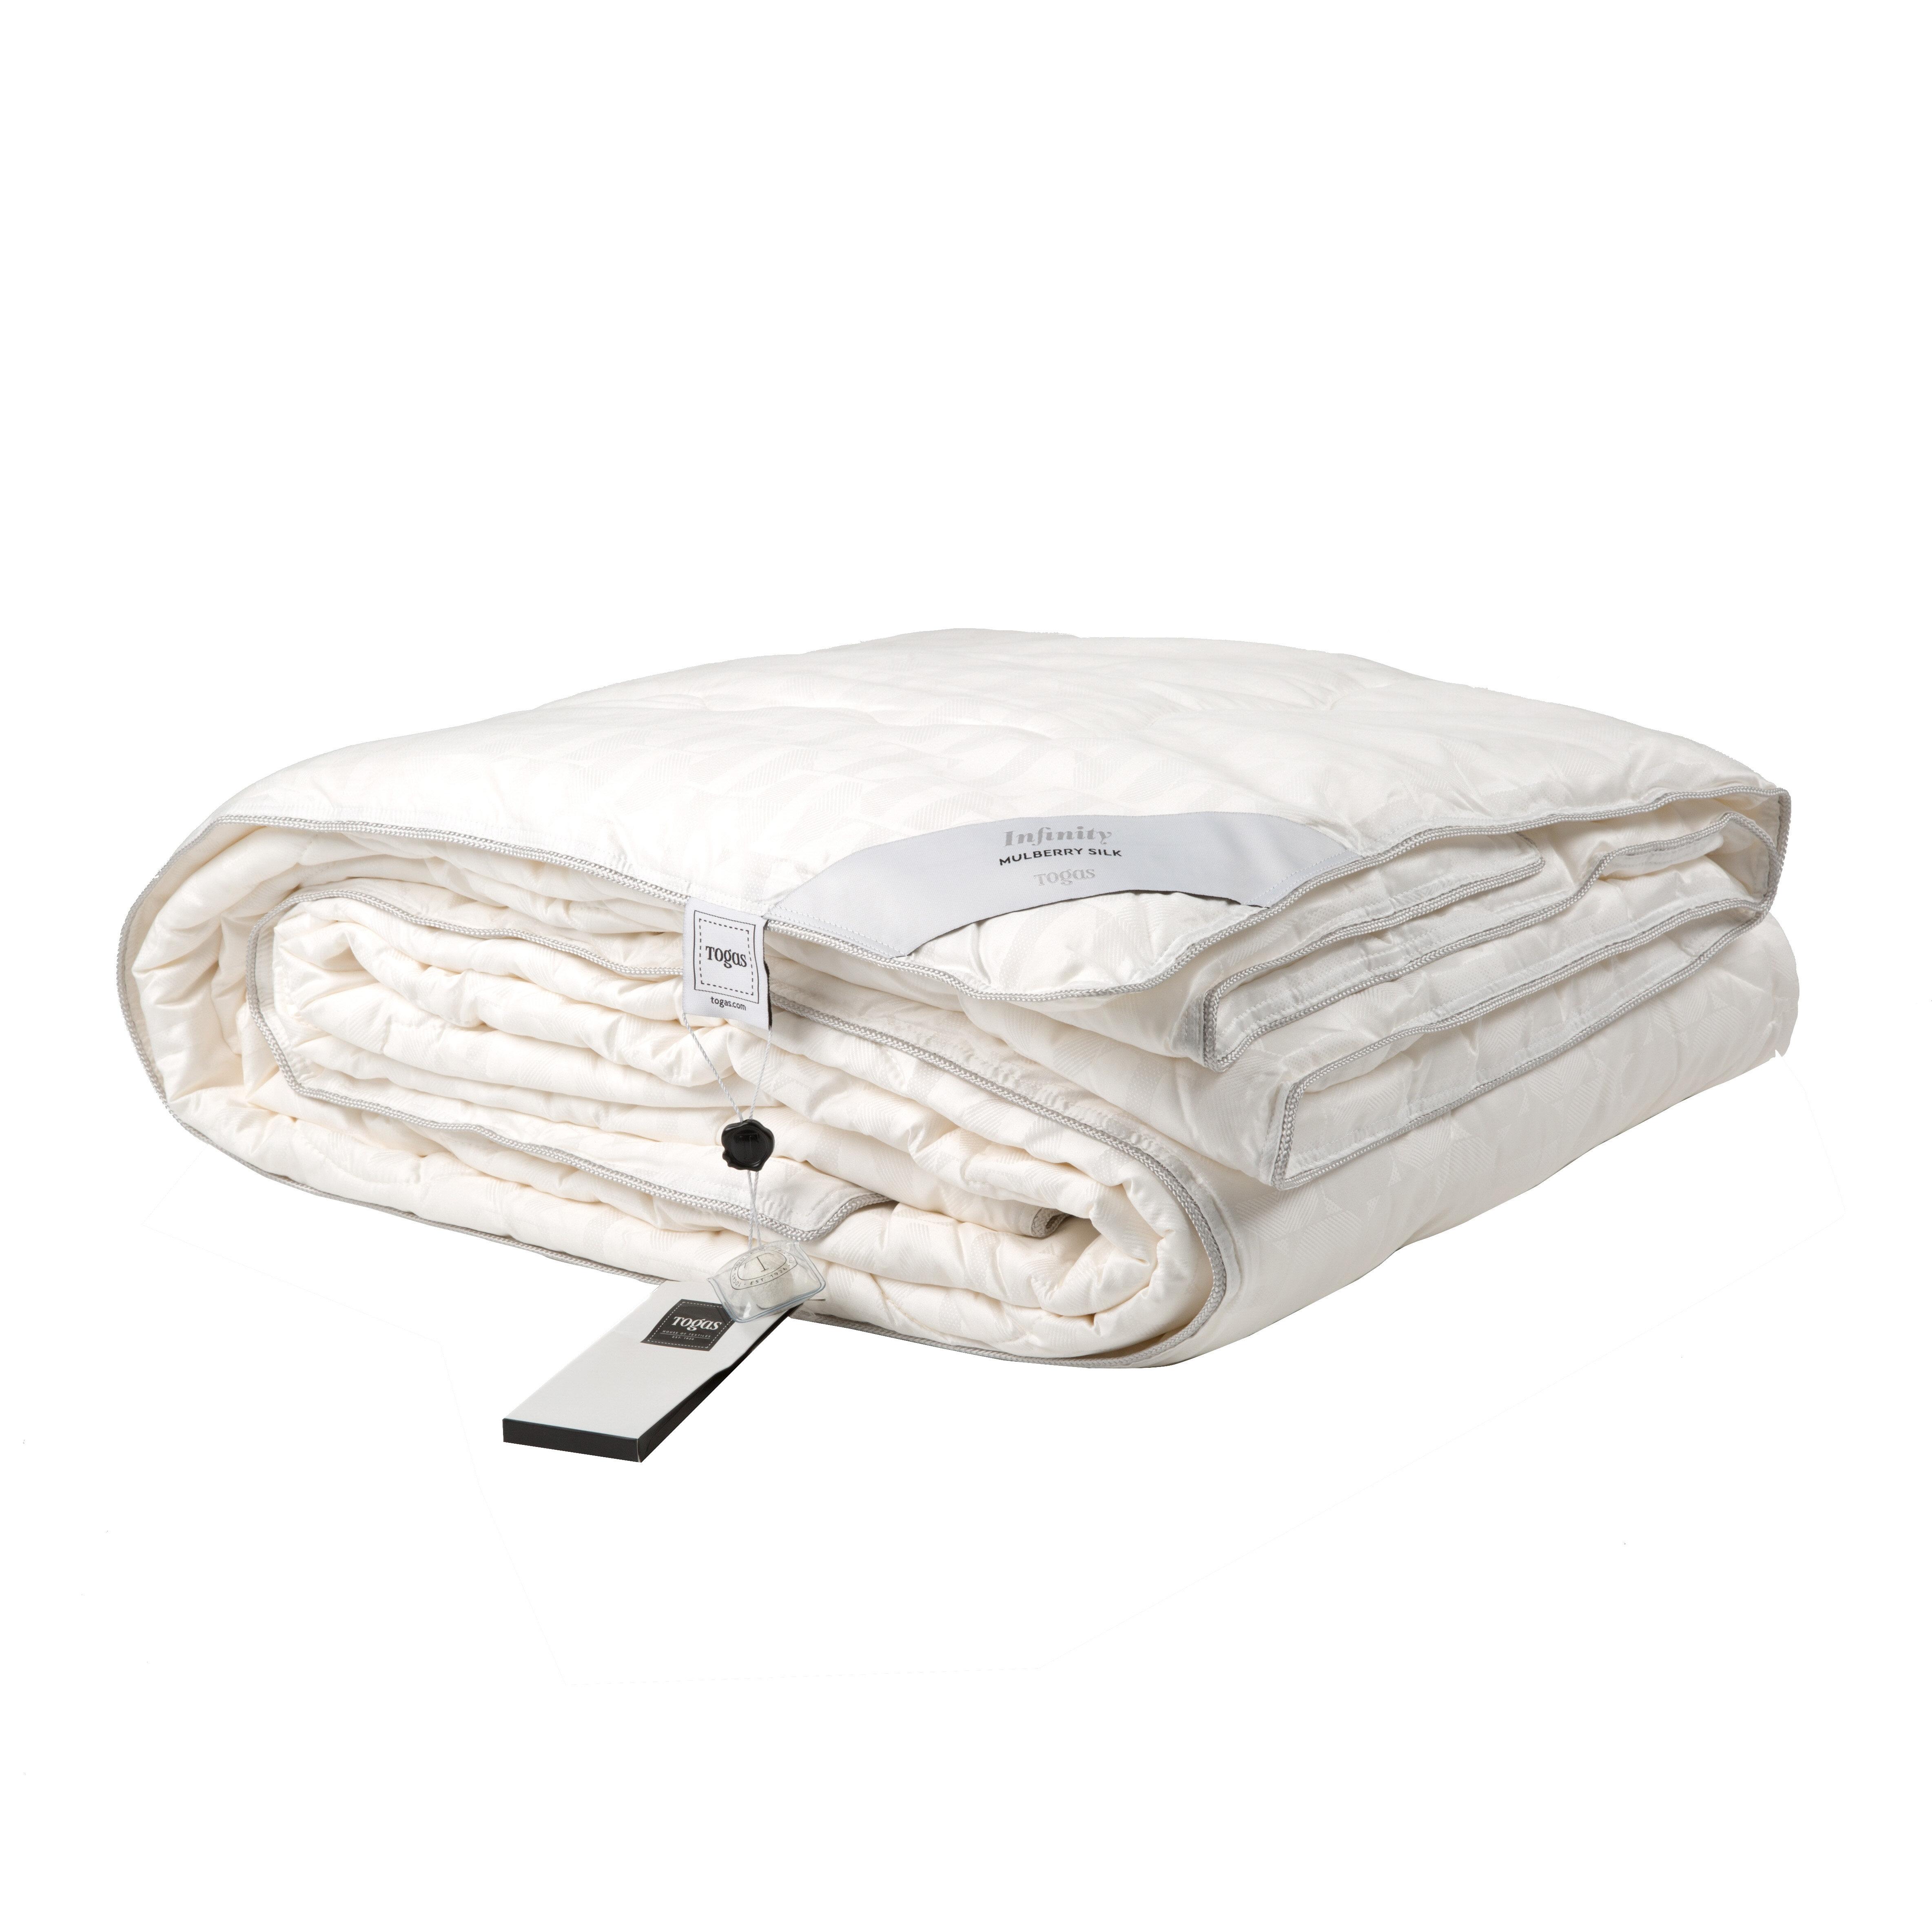 Одеяла Togas Одеяло Инфинити (220х240 см)